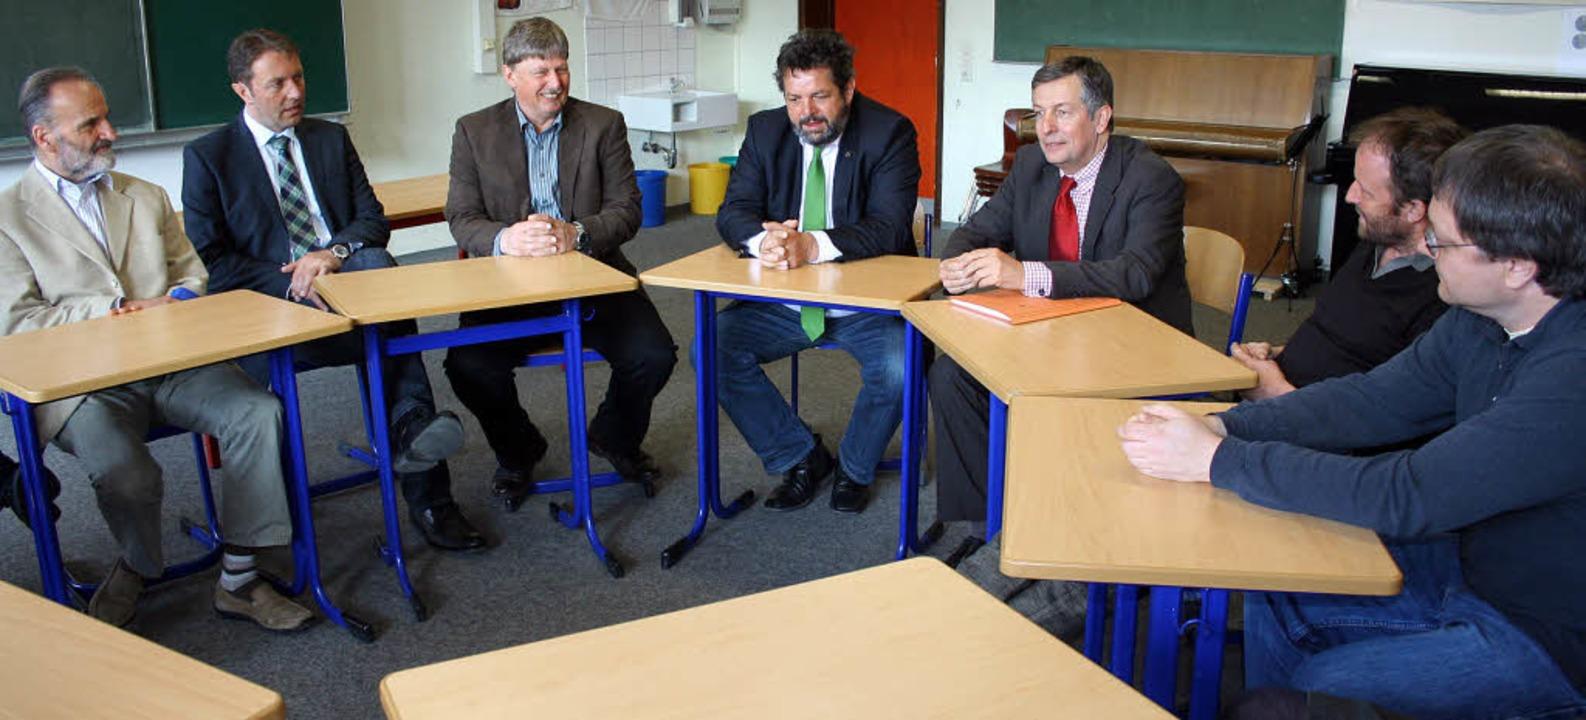 Das Thema Gemeinschaftsschule Hochschw...chte  der Landtagsabgeordnete nicht.    | Foto: DIETER MAURER